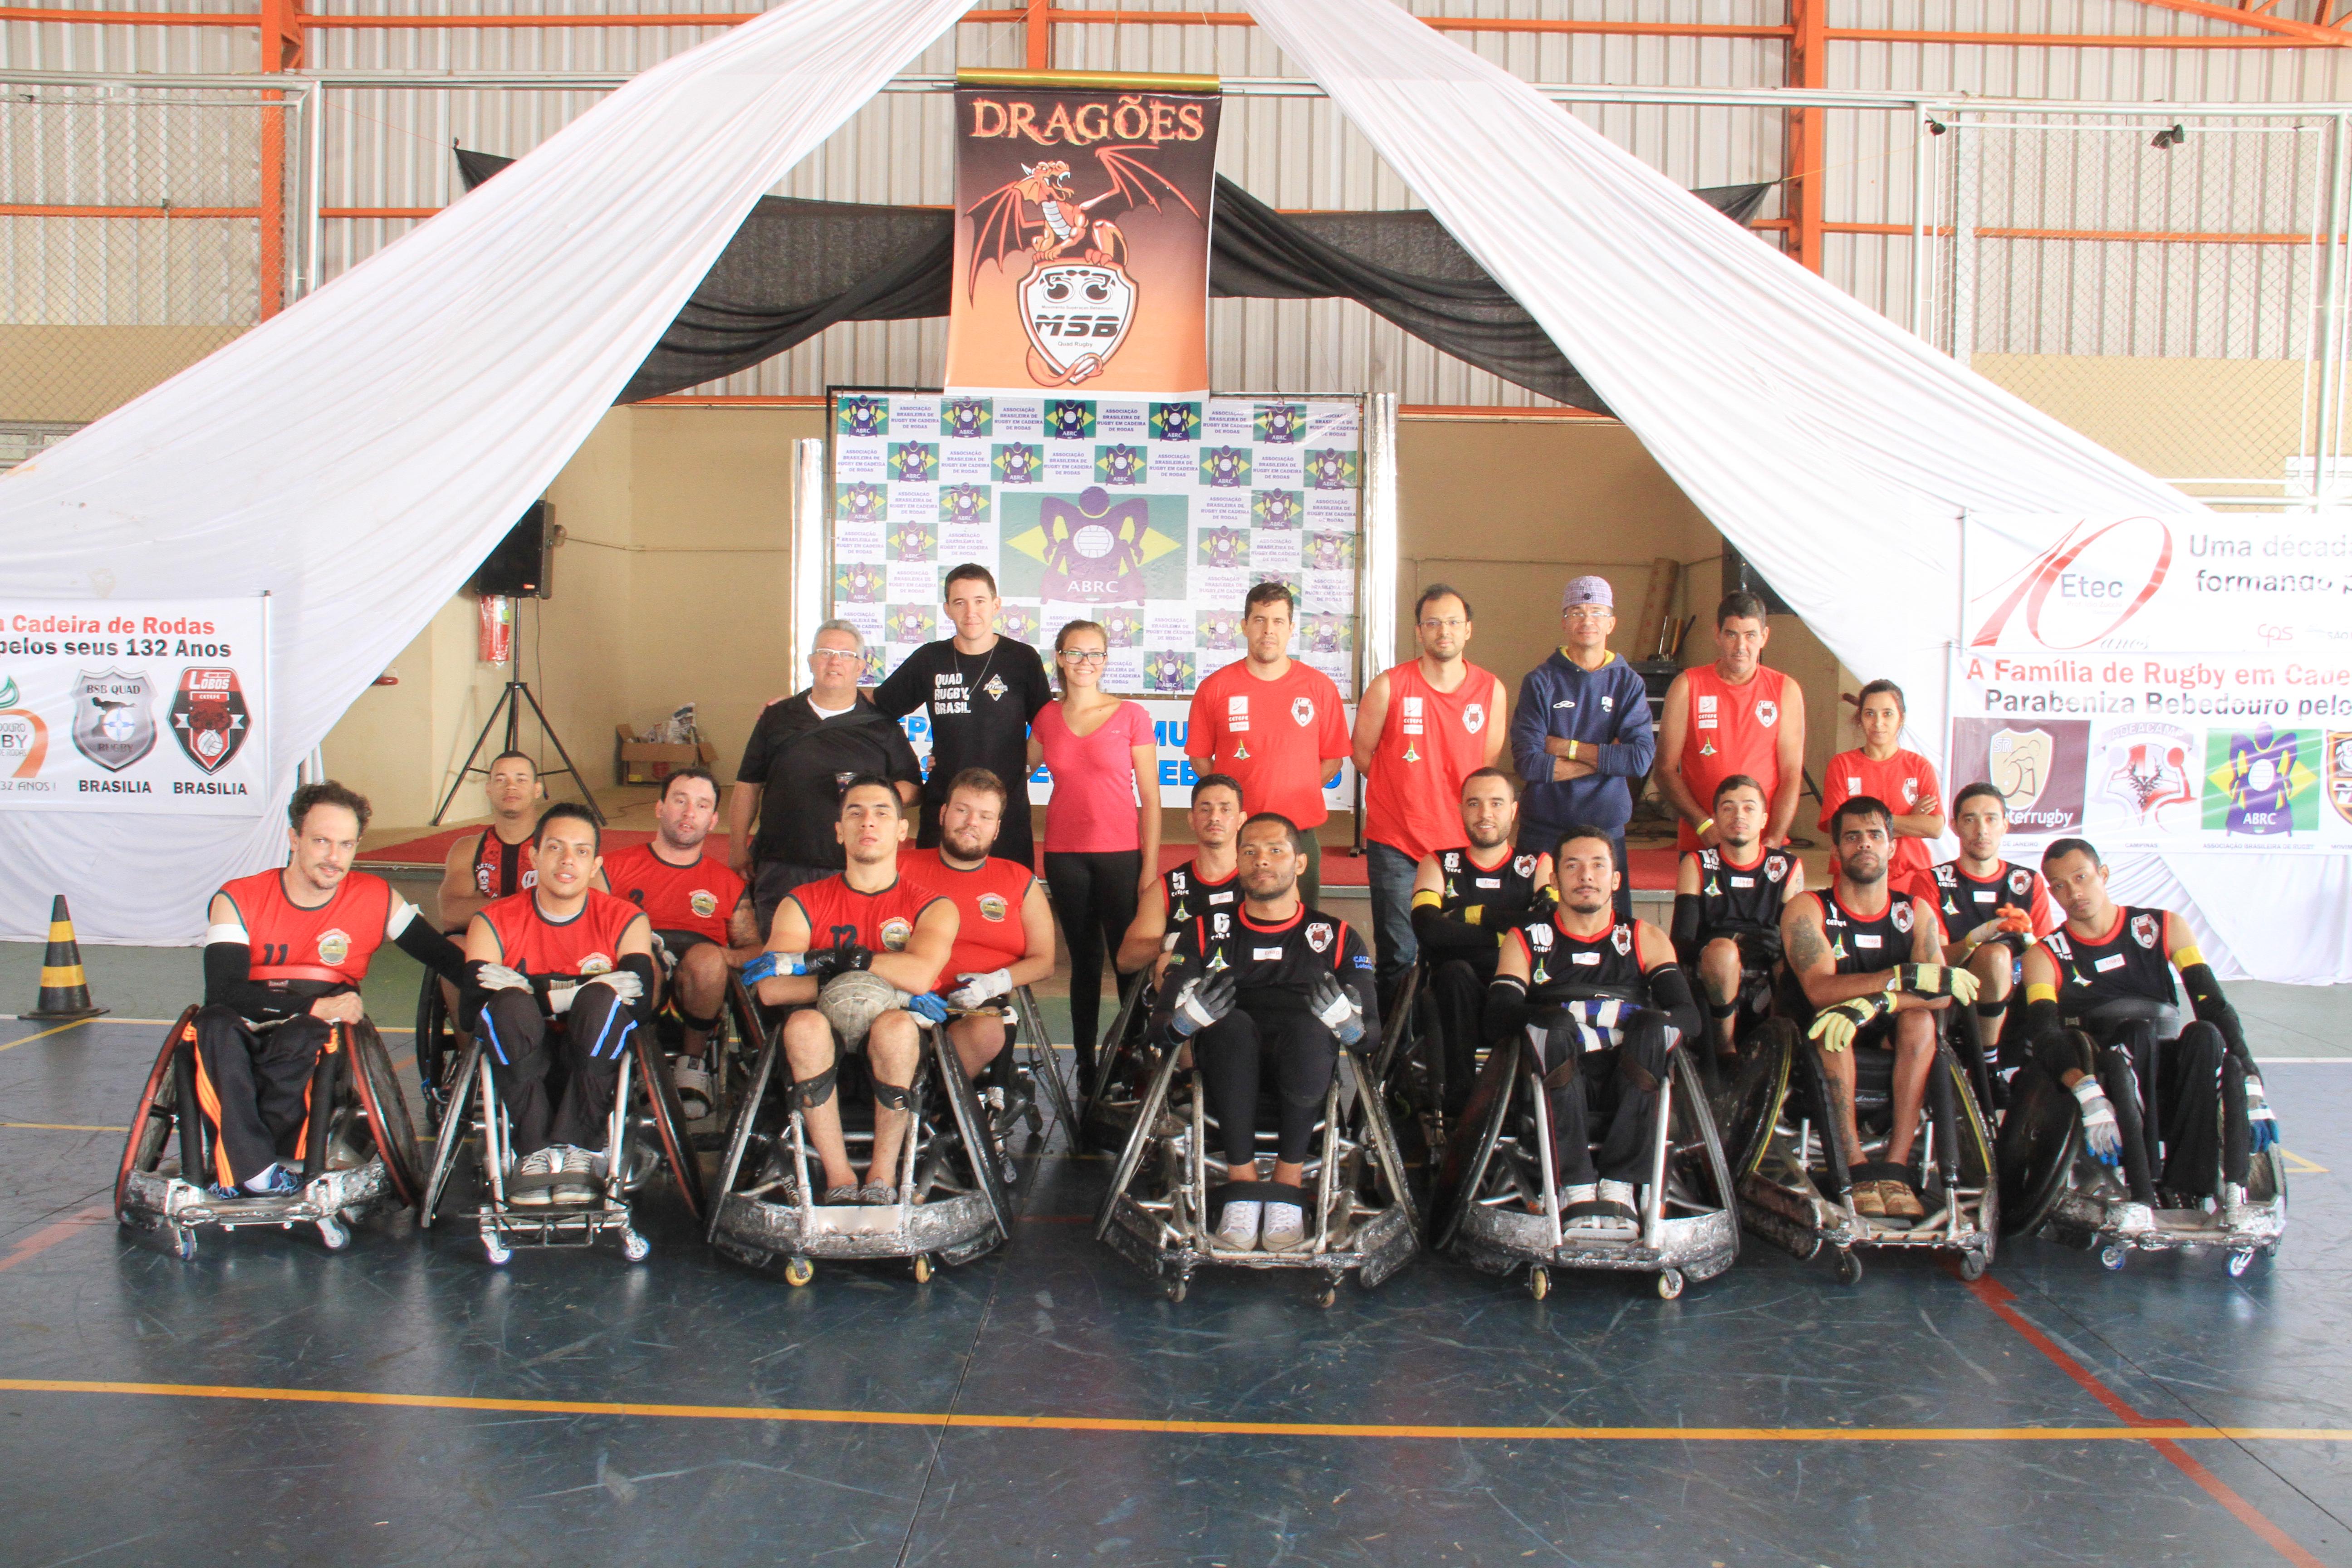 Equipe Titans Colombo Quadr Rugby e Cetefe Lobos Vermelhos, de Brasília, campeã da II Copa Bebedouro